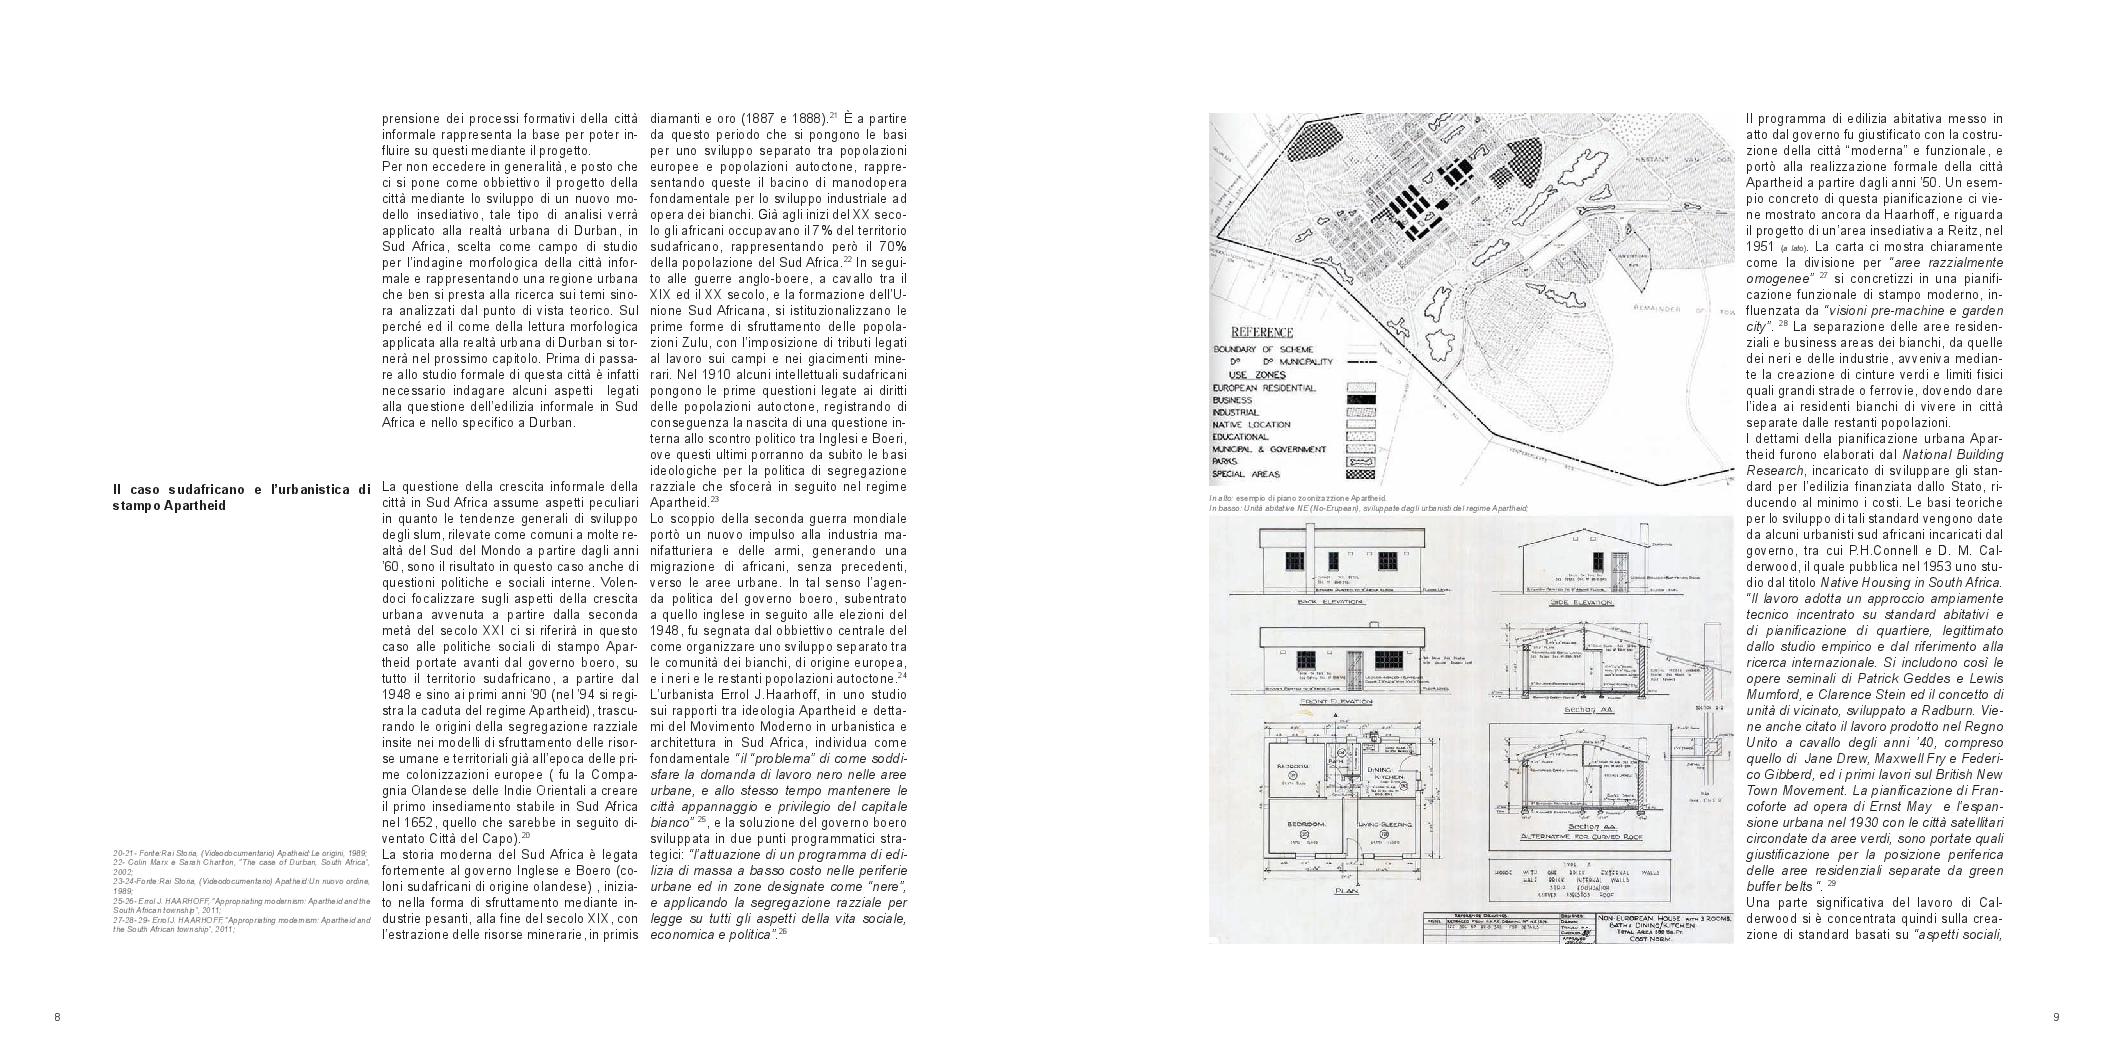 Estratto dalla tesi: Durban: la città marginale. Morfogenesi di un modello insediativo